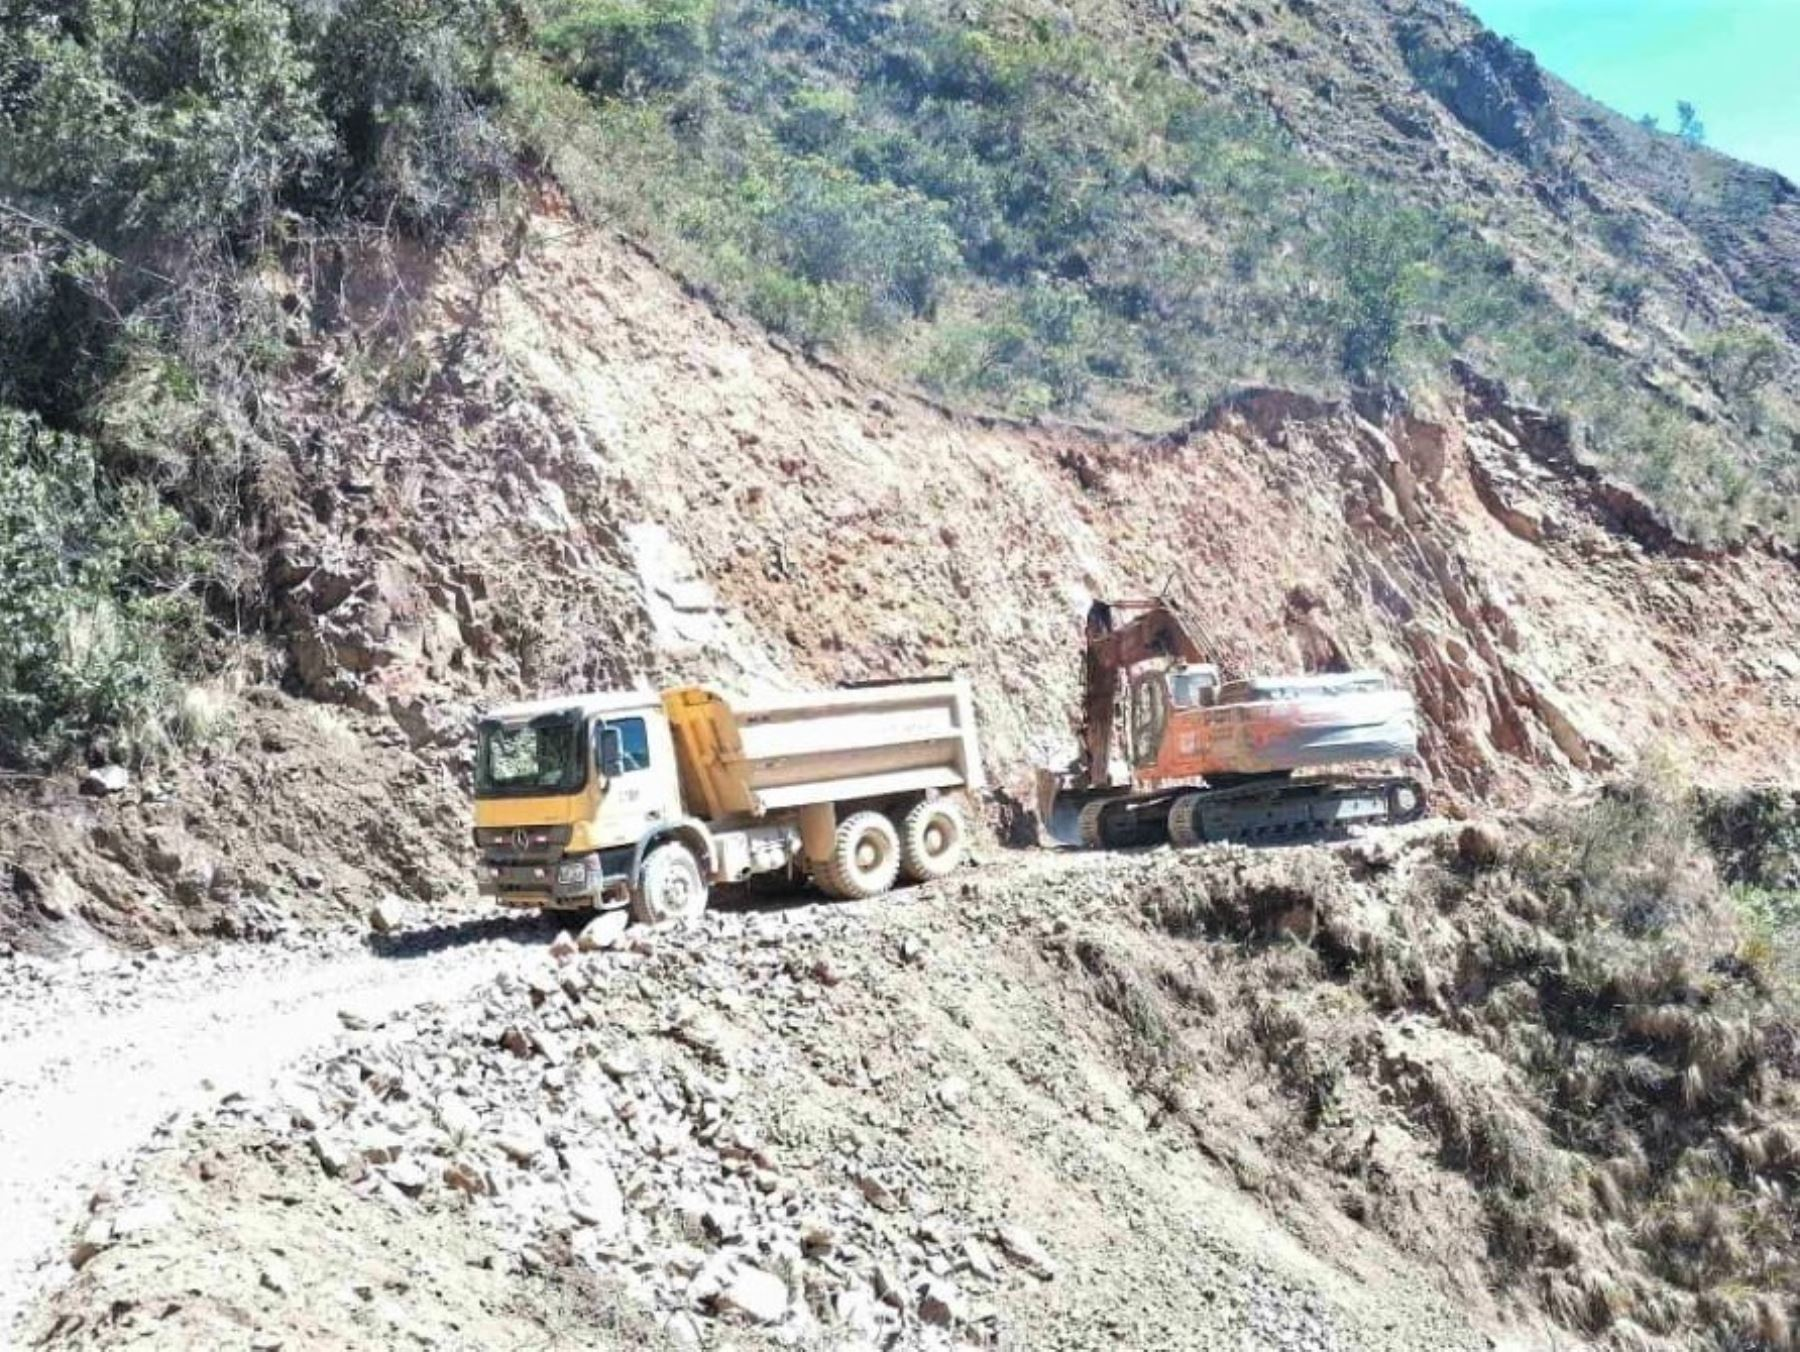 MTC destaca avances en los trabajos de construcción de la carretera Calemar-abra El Naranjillo, que unirá La Libertad con San Martín. ANDINA/Difusión